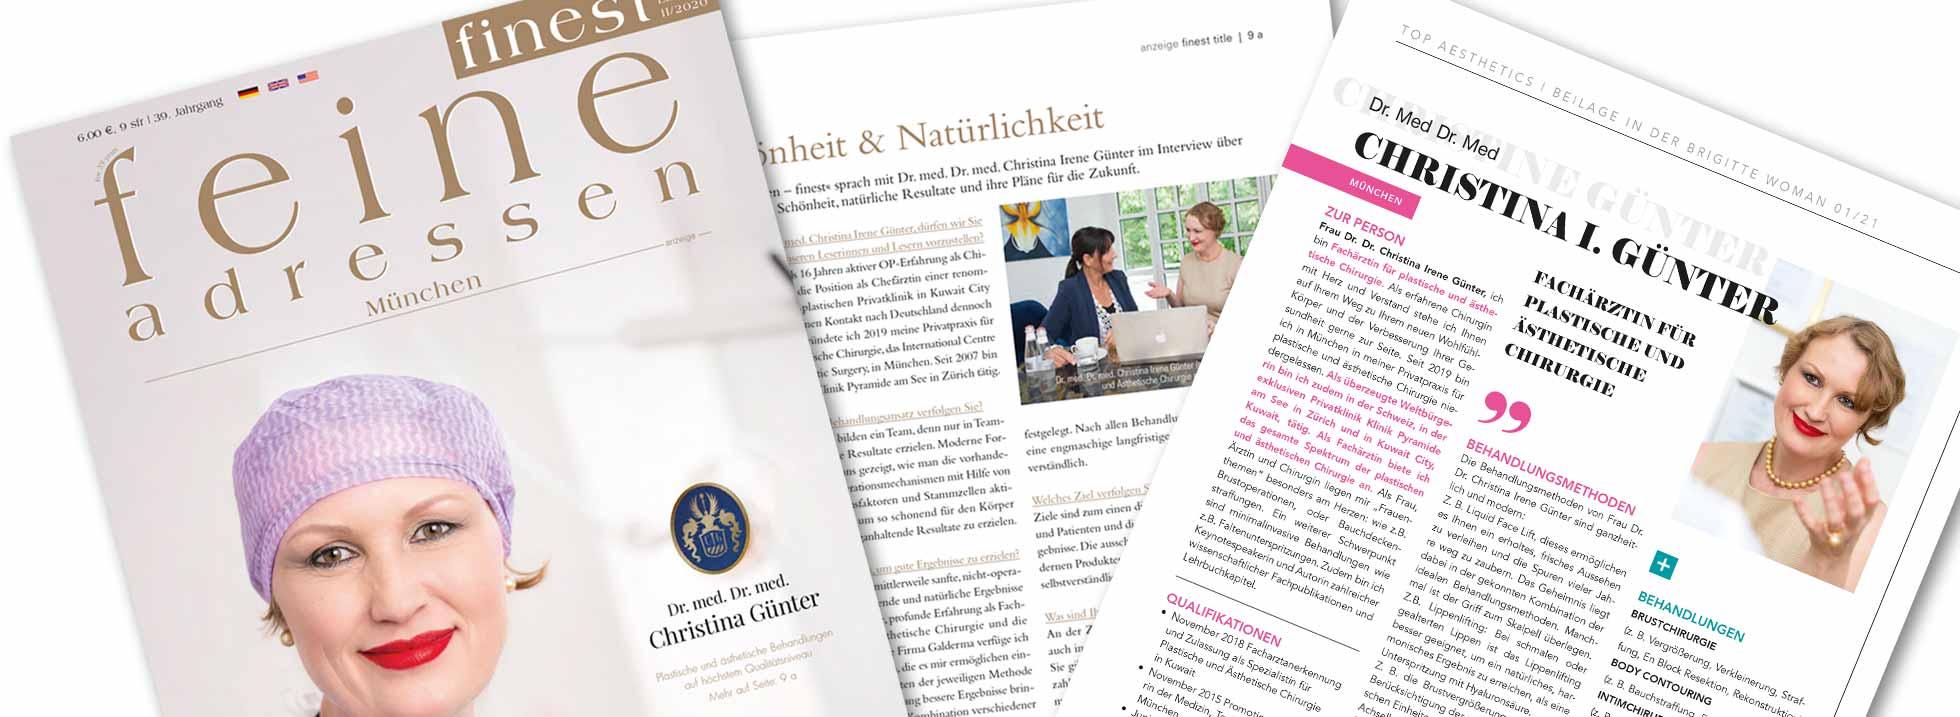 Aus der Presse ... Plastische Chirurgin in München, Dr. Med. Christina Günter